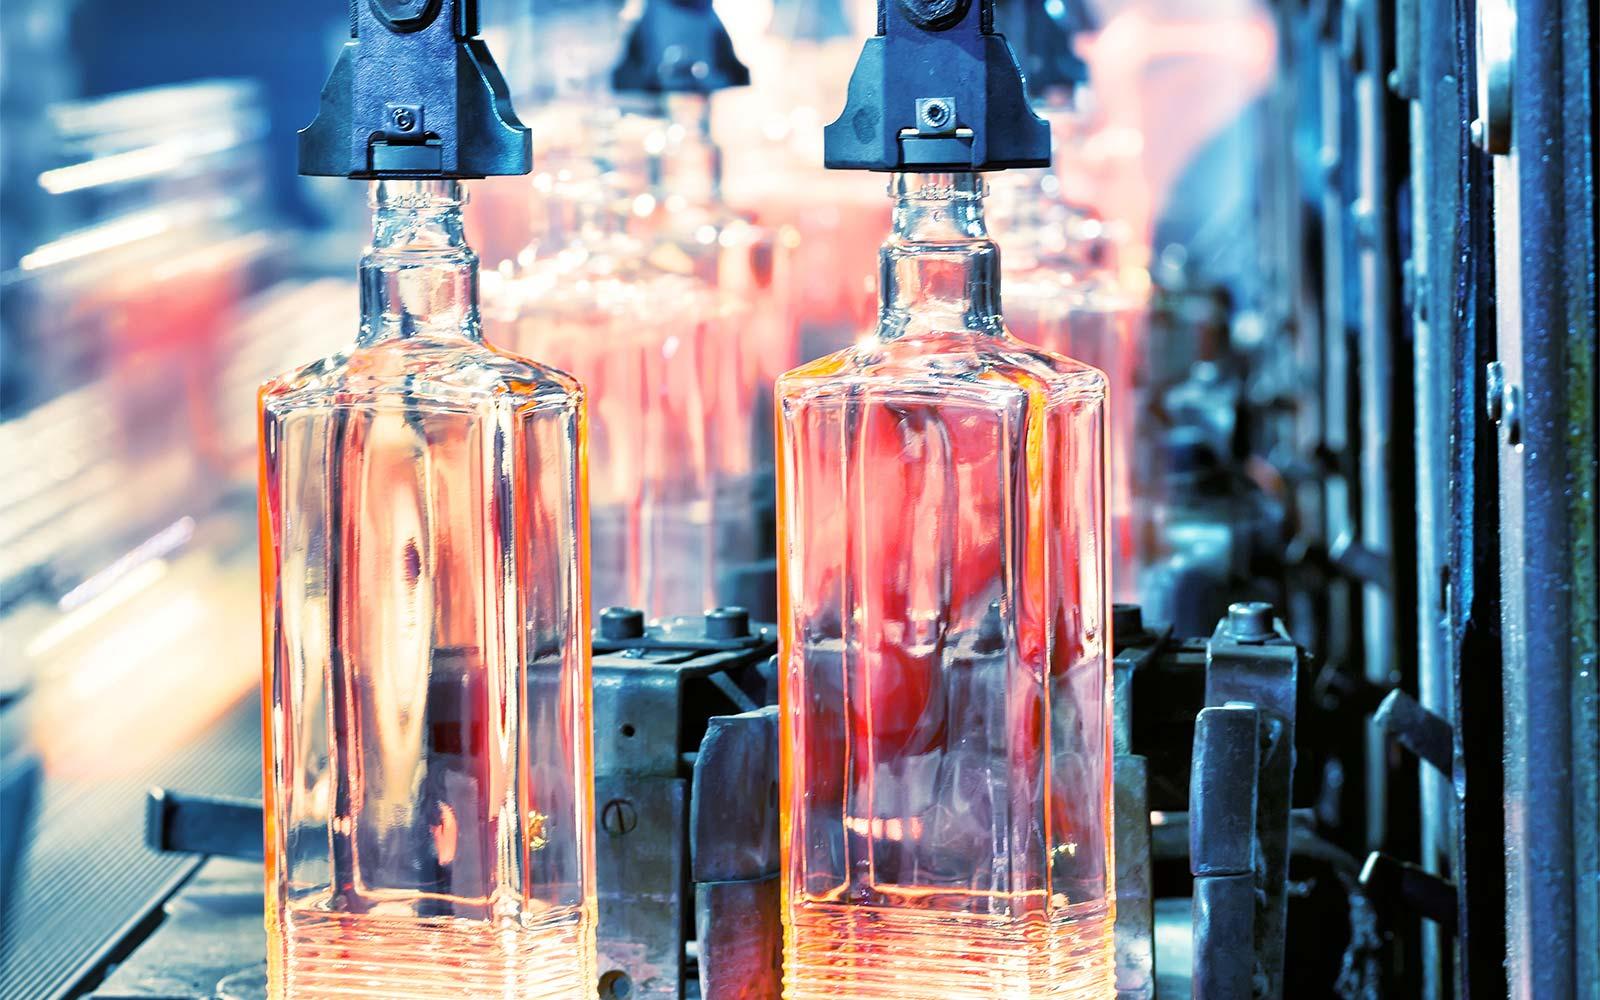 Расходомеры сжатого воздуха при производстве стеклотары